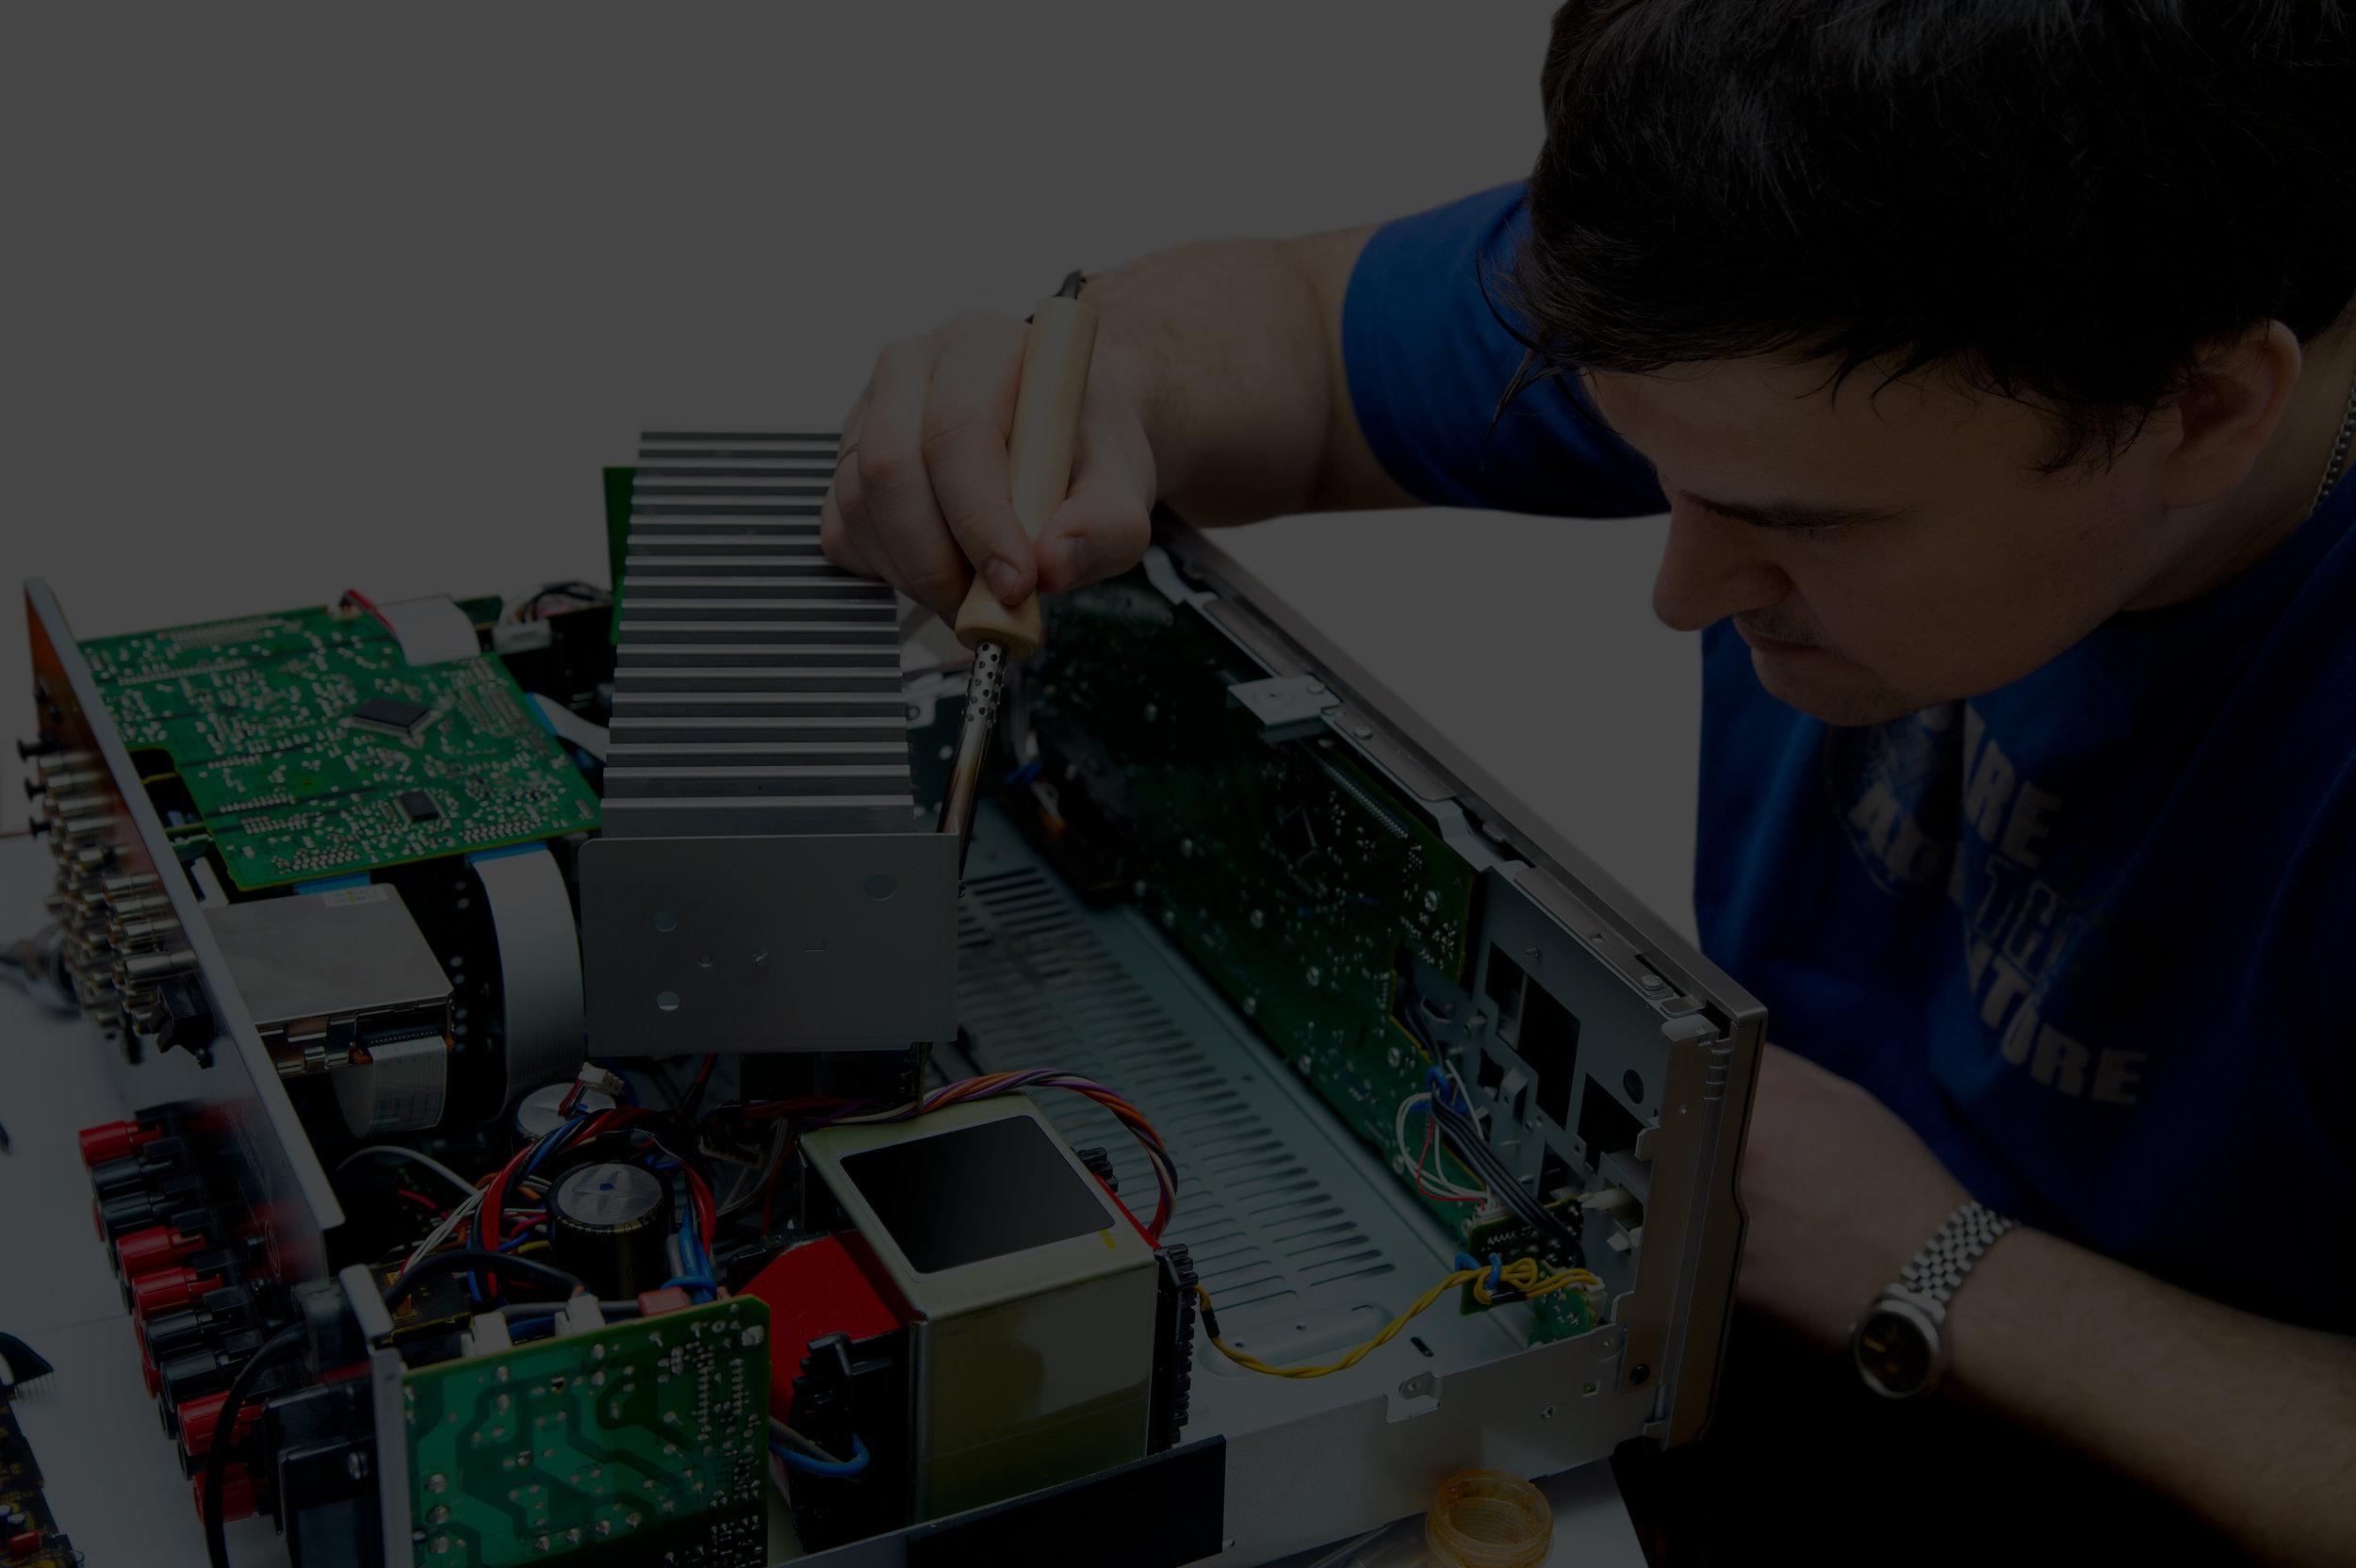 Printed Circuit Board Repair Pcb Rework Modification Kid Computer Darker